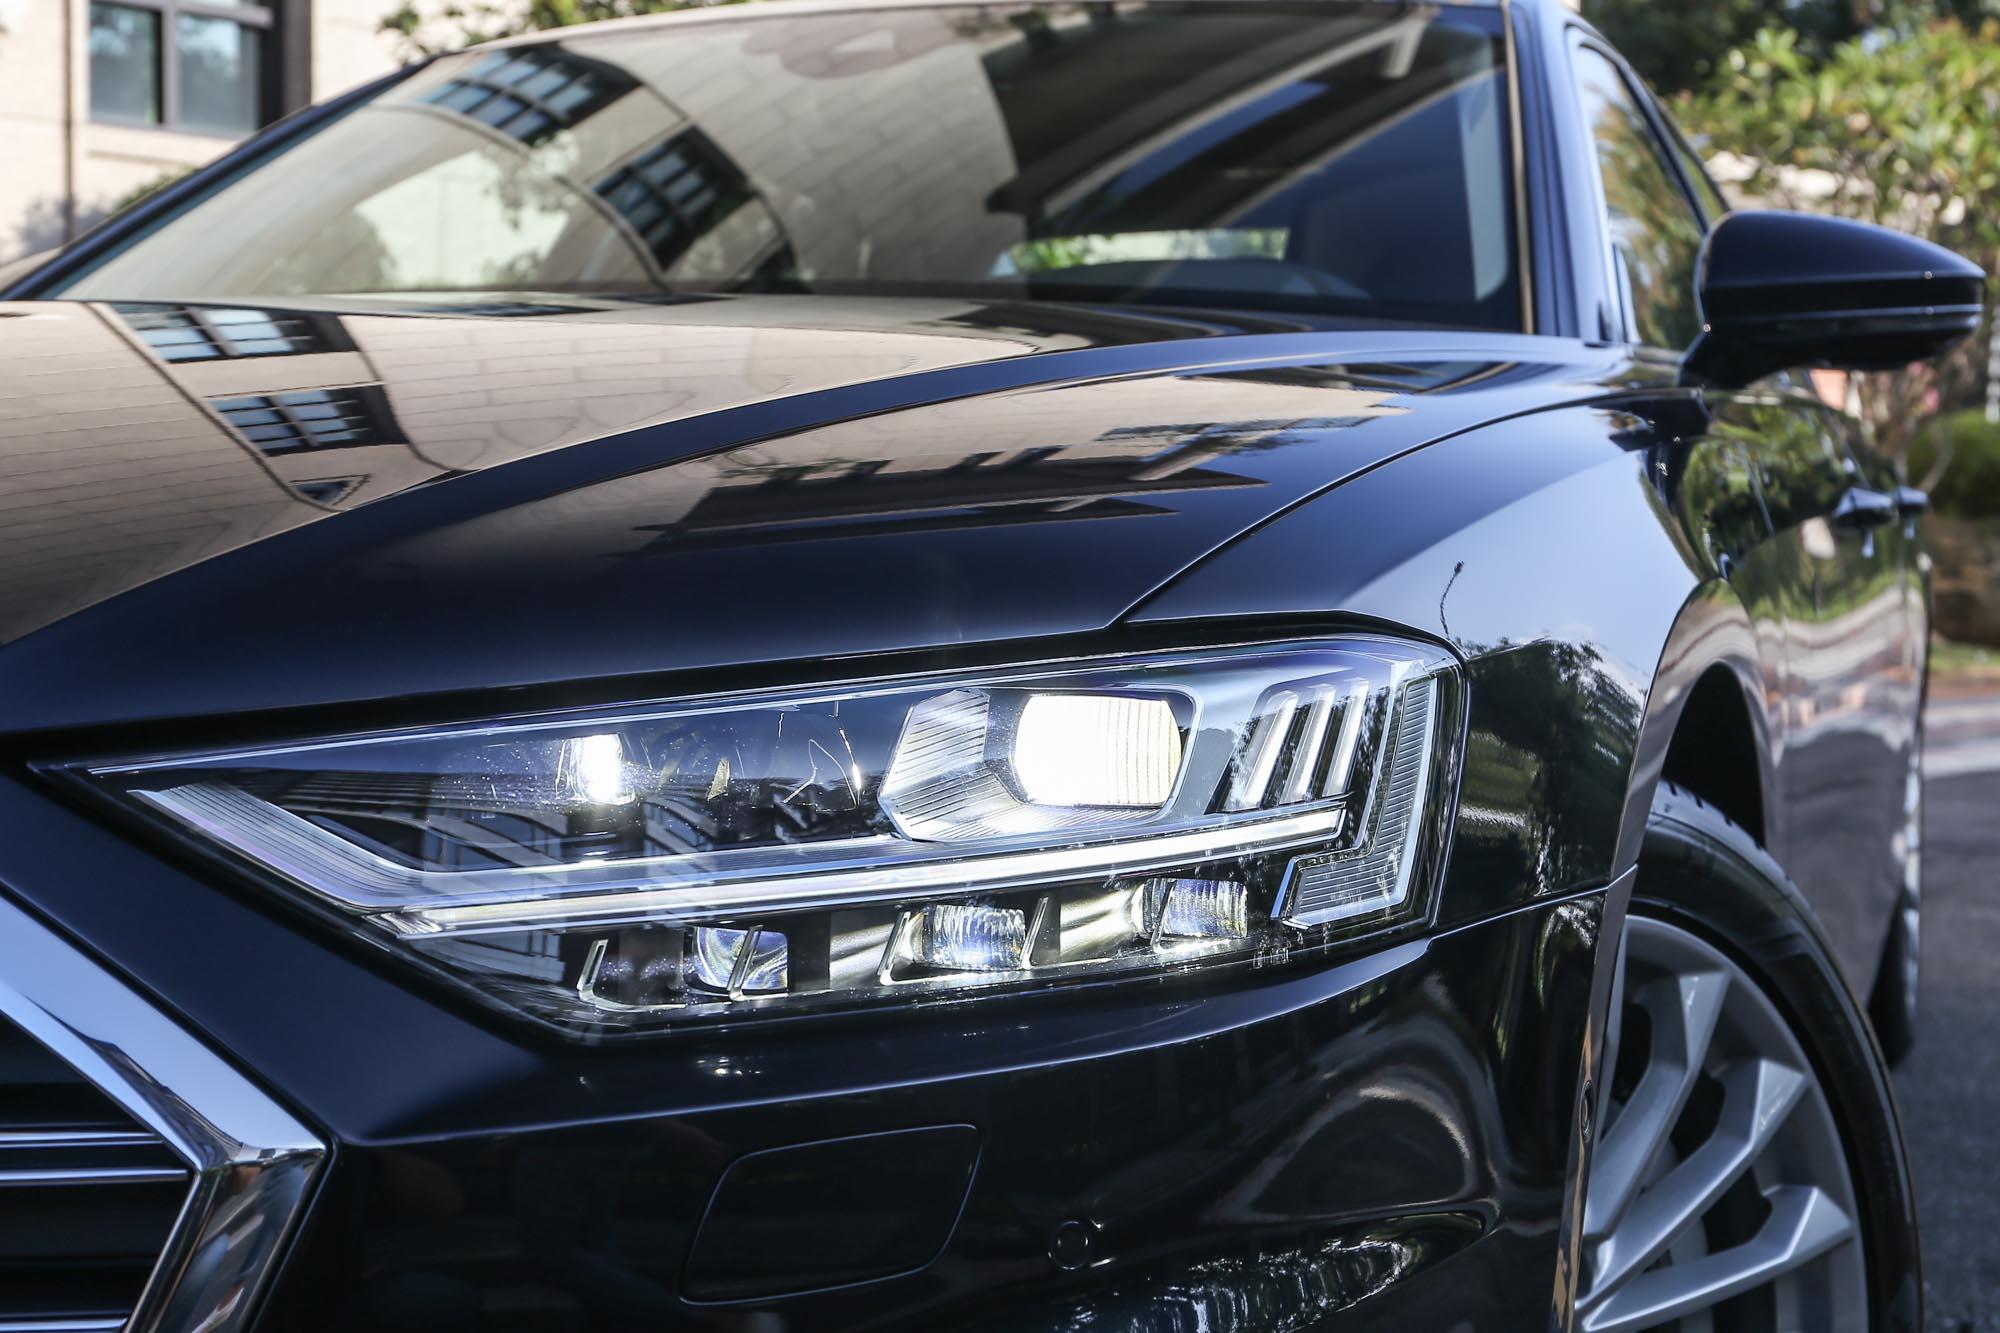 此車選配動態極光套件,含 HD 高階矩陣式 LED 極光頭燈組、OLED 尾燈及 30 色車室氛圍照明套件。